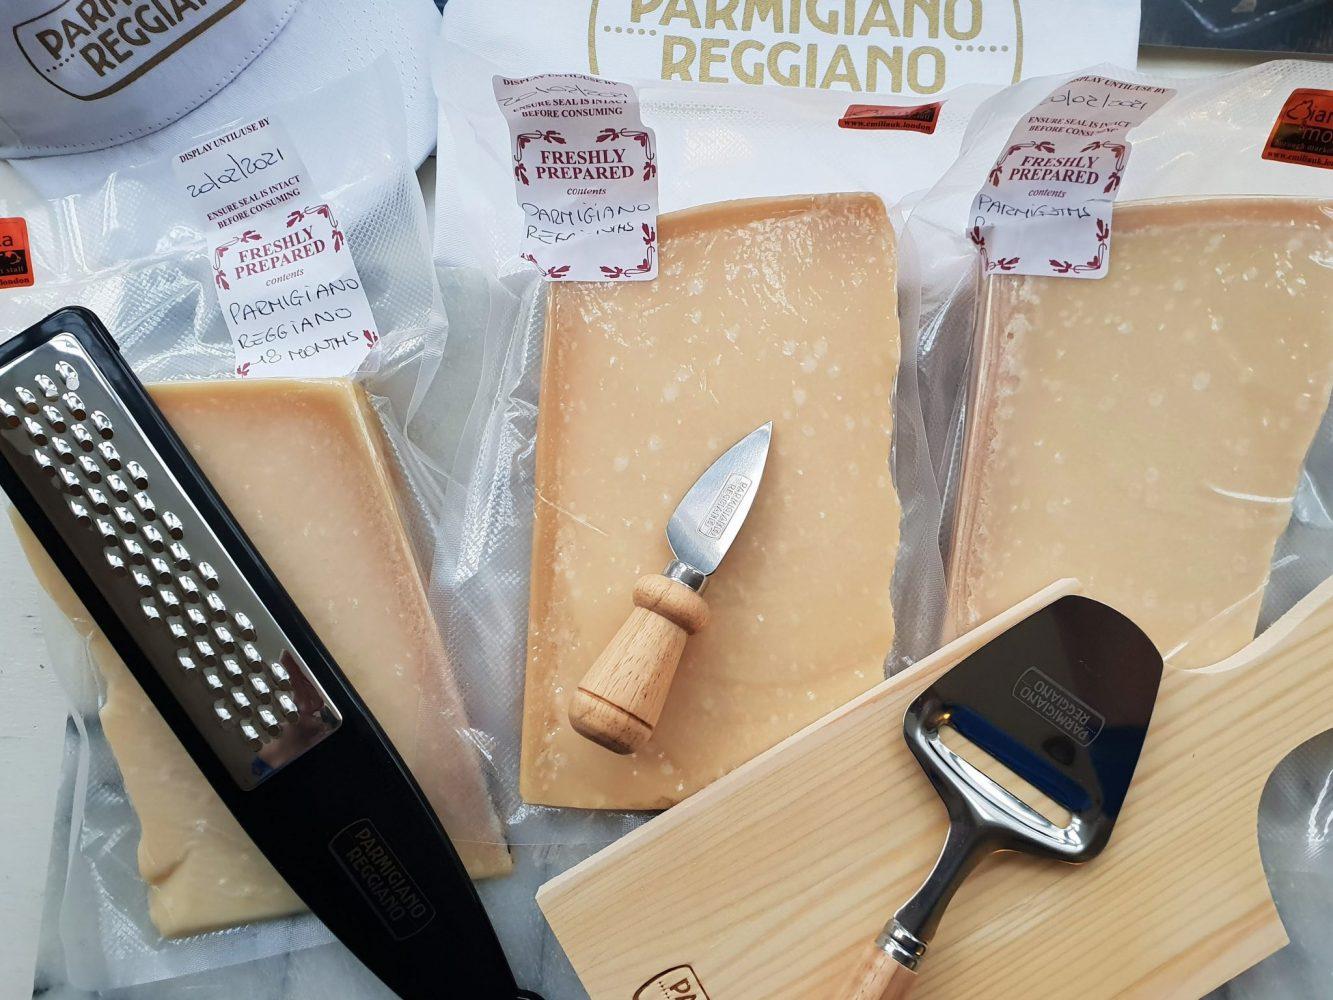 Parmigiano Reggiano cheese selection